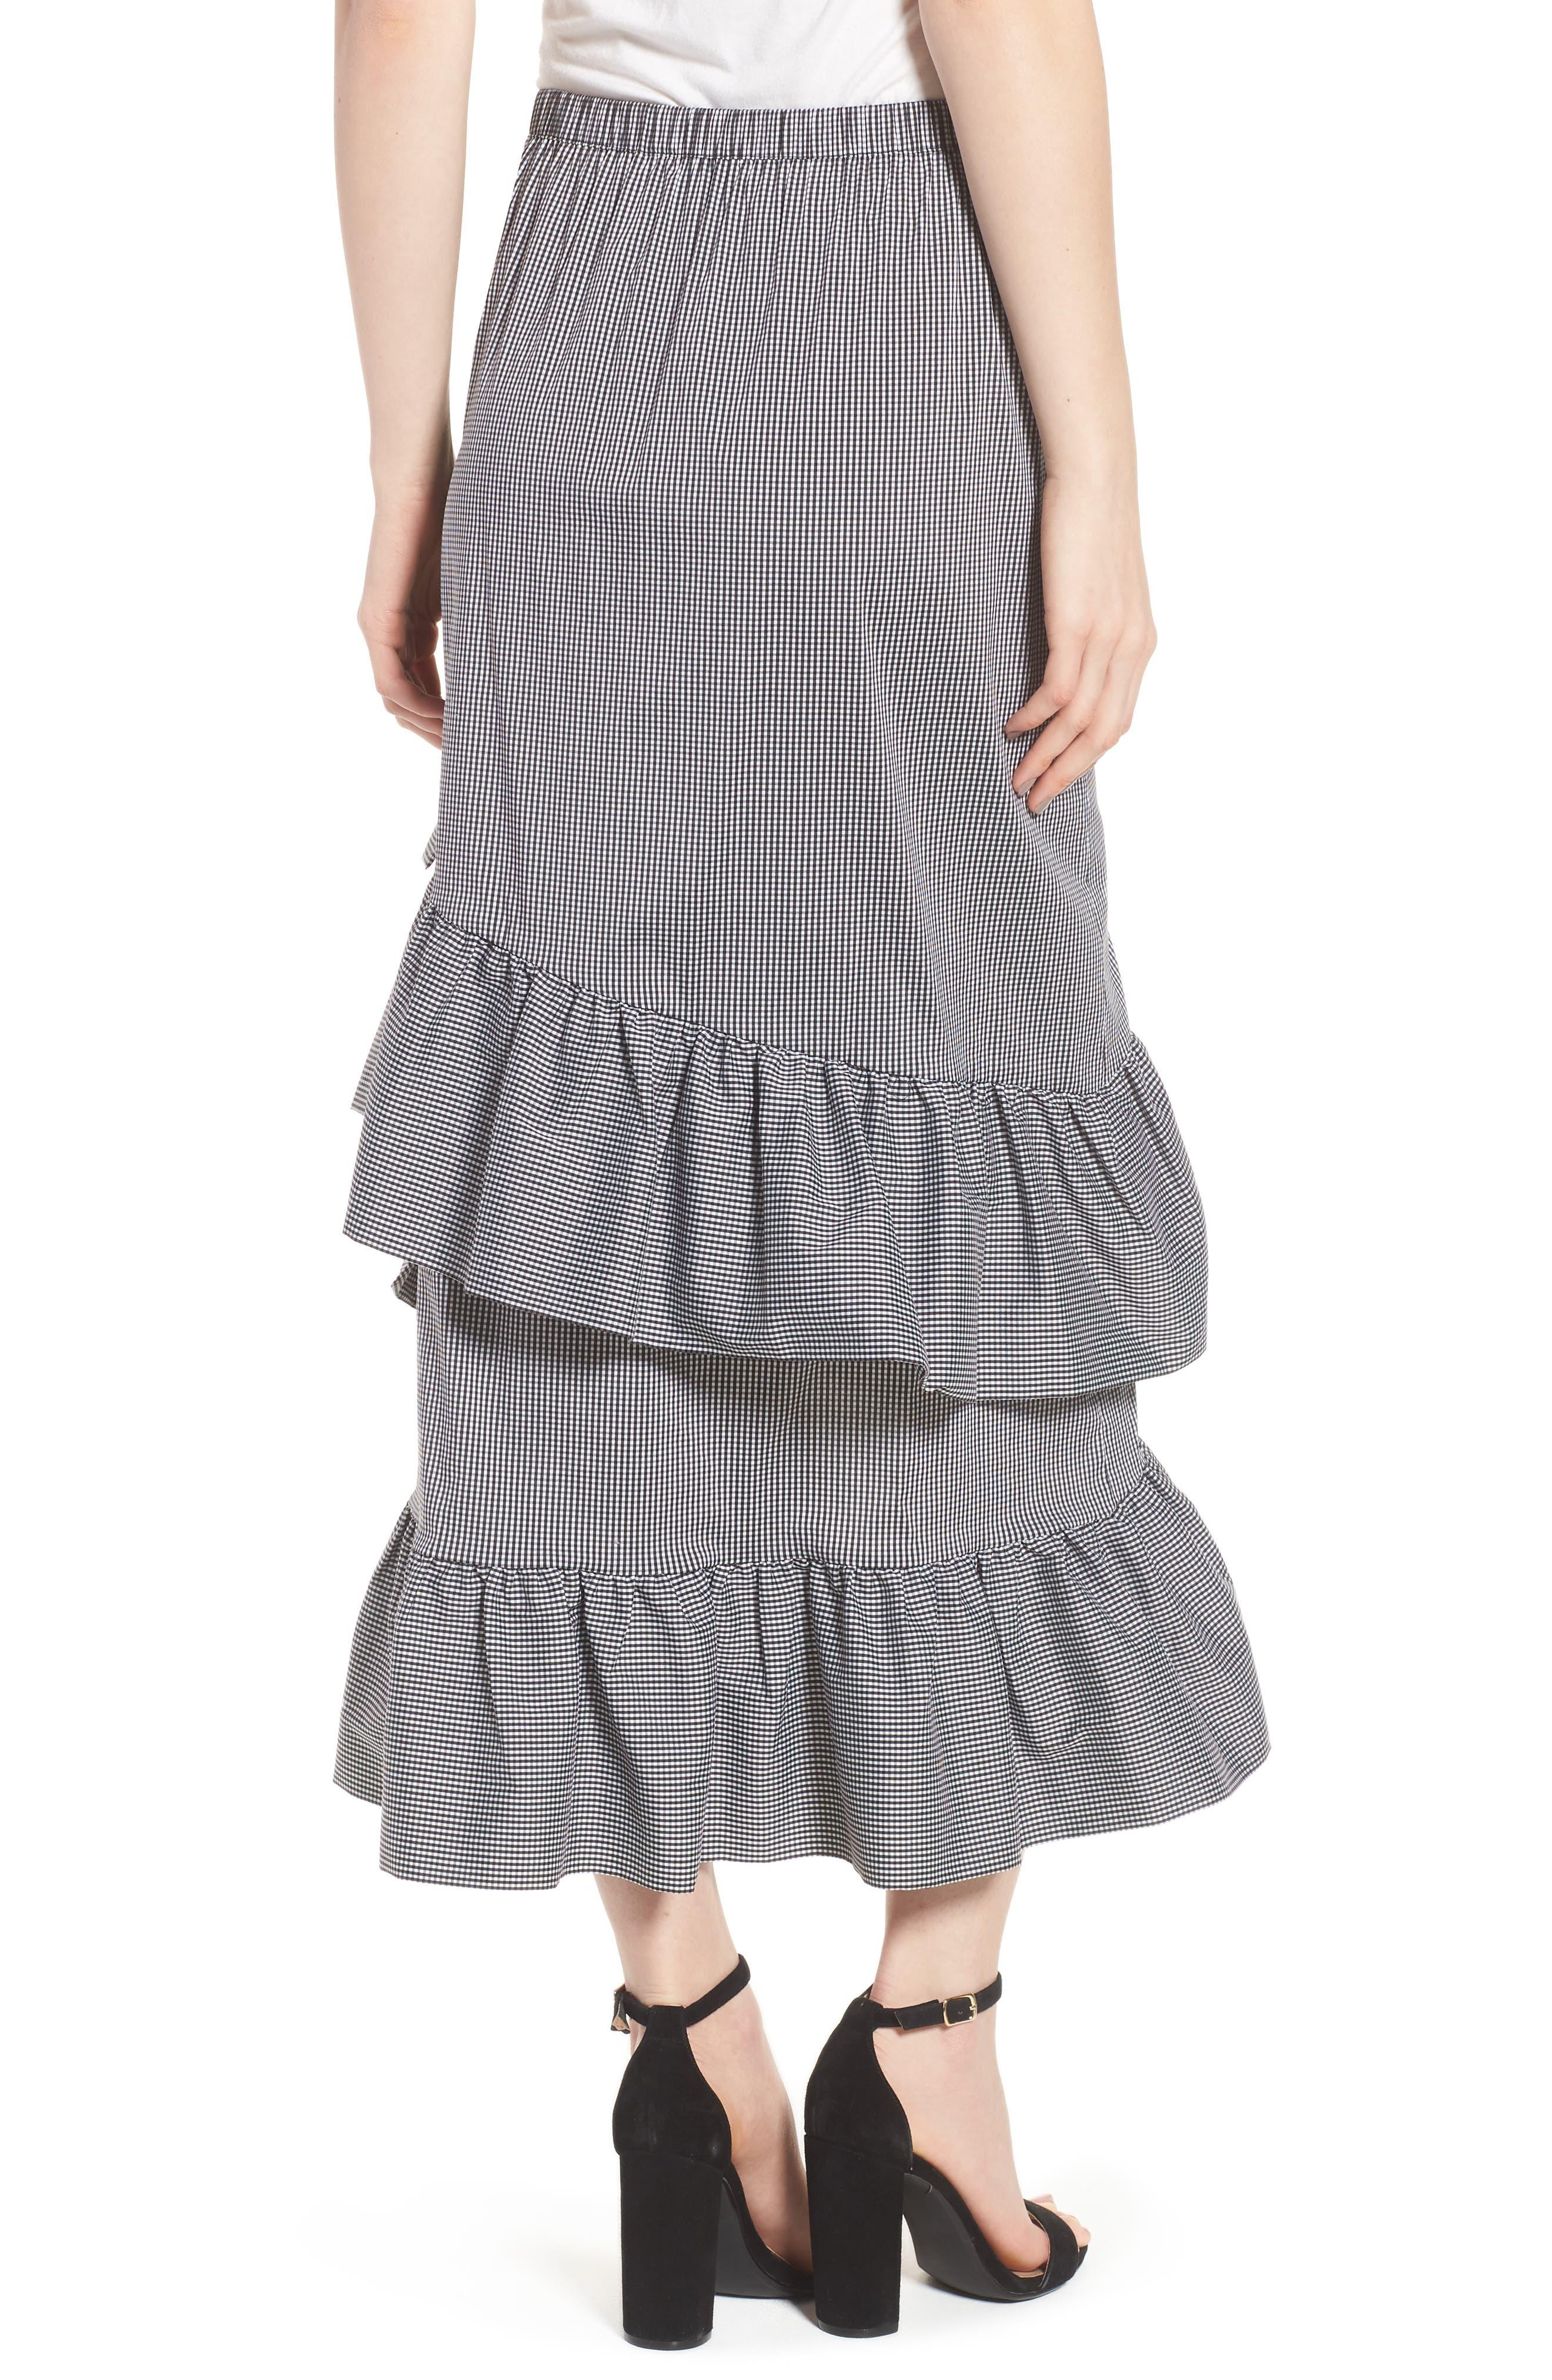 Gingham Ruffle Skirt,                             Alternate thumbnail 2, color,                             001